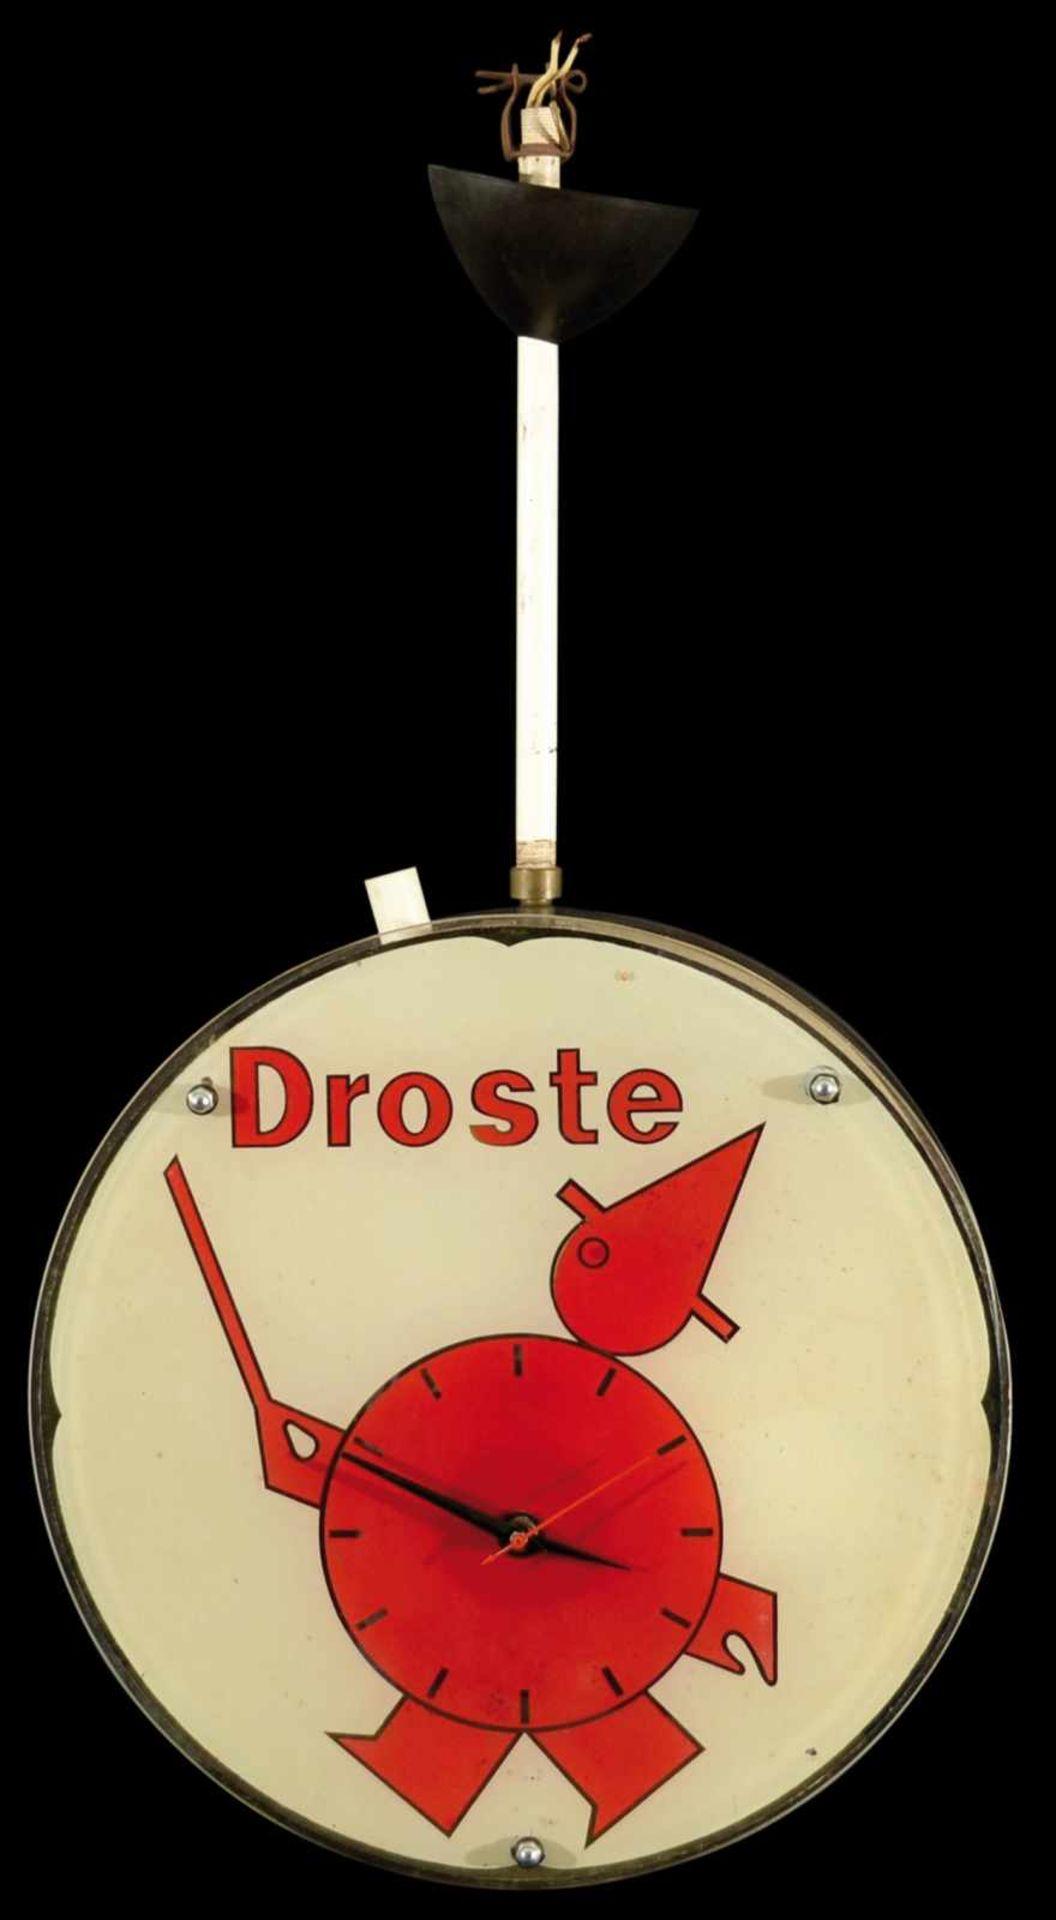 DROSTE (1) gläserne Werbeleuchte, beidseitige integrierte Werbeuhr, Niederlande um 1950, D 38 cm,